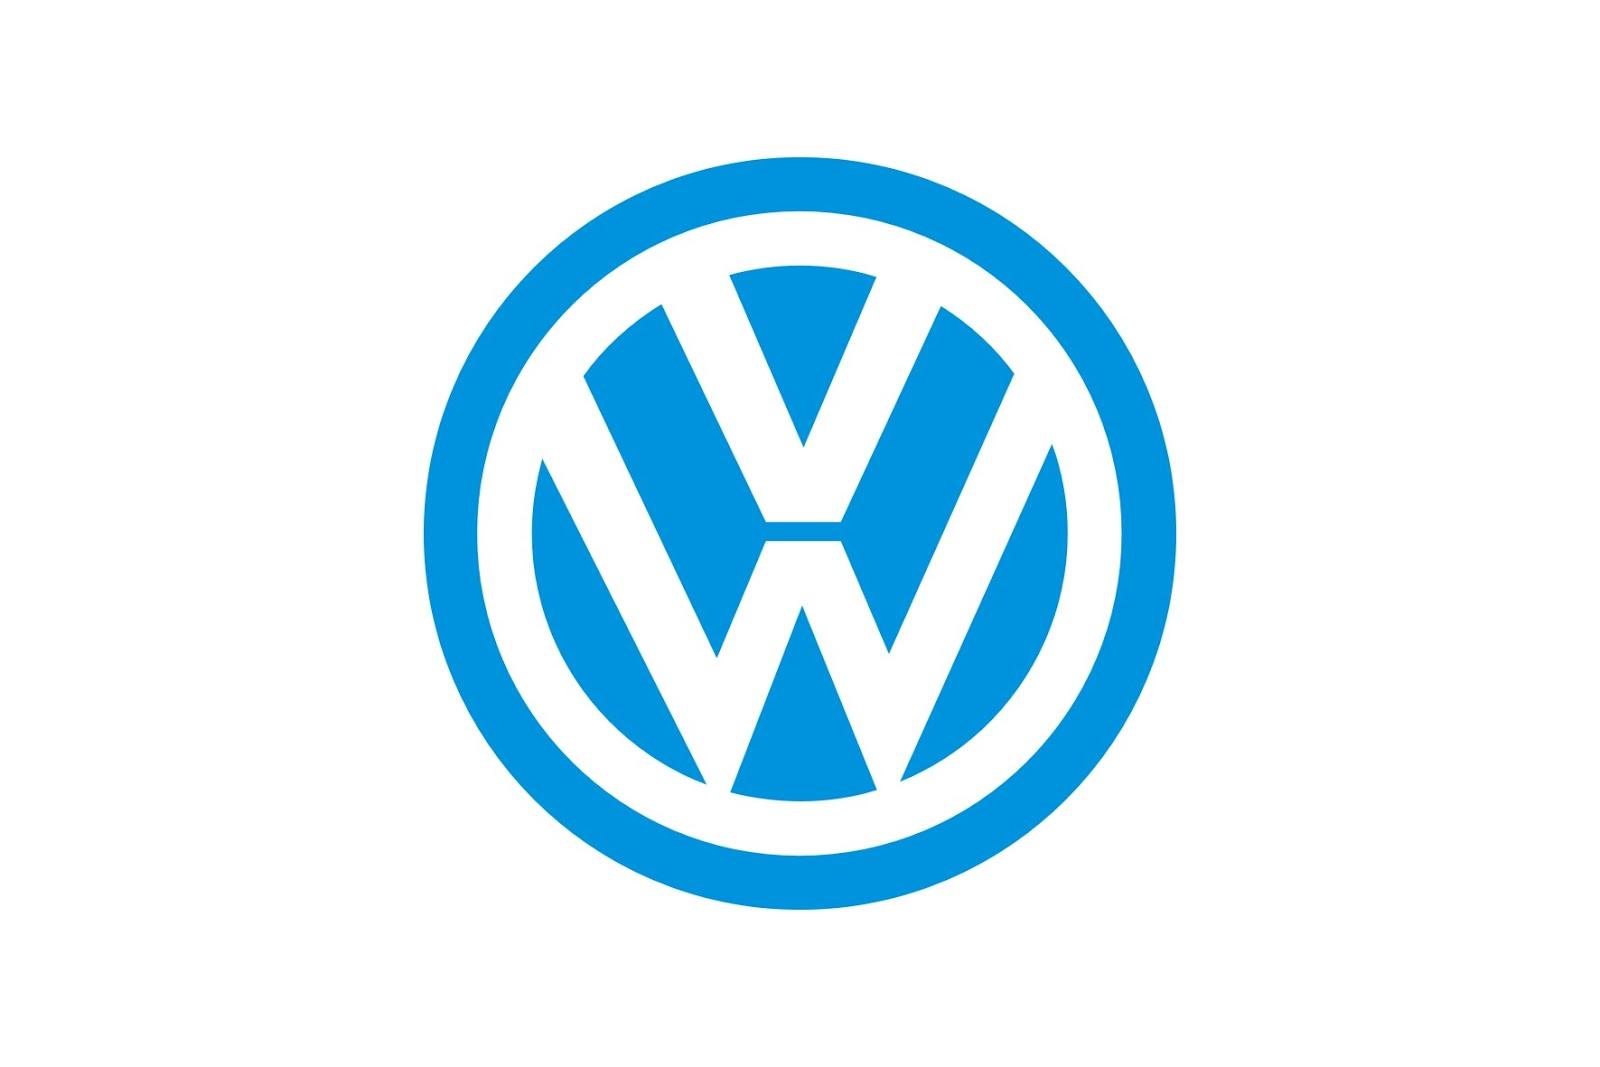 volkswagen logo rh logo share blogspot com volkswagen logo vector png volkswagen logo vector download